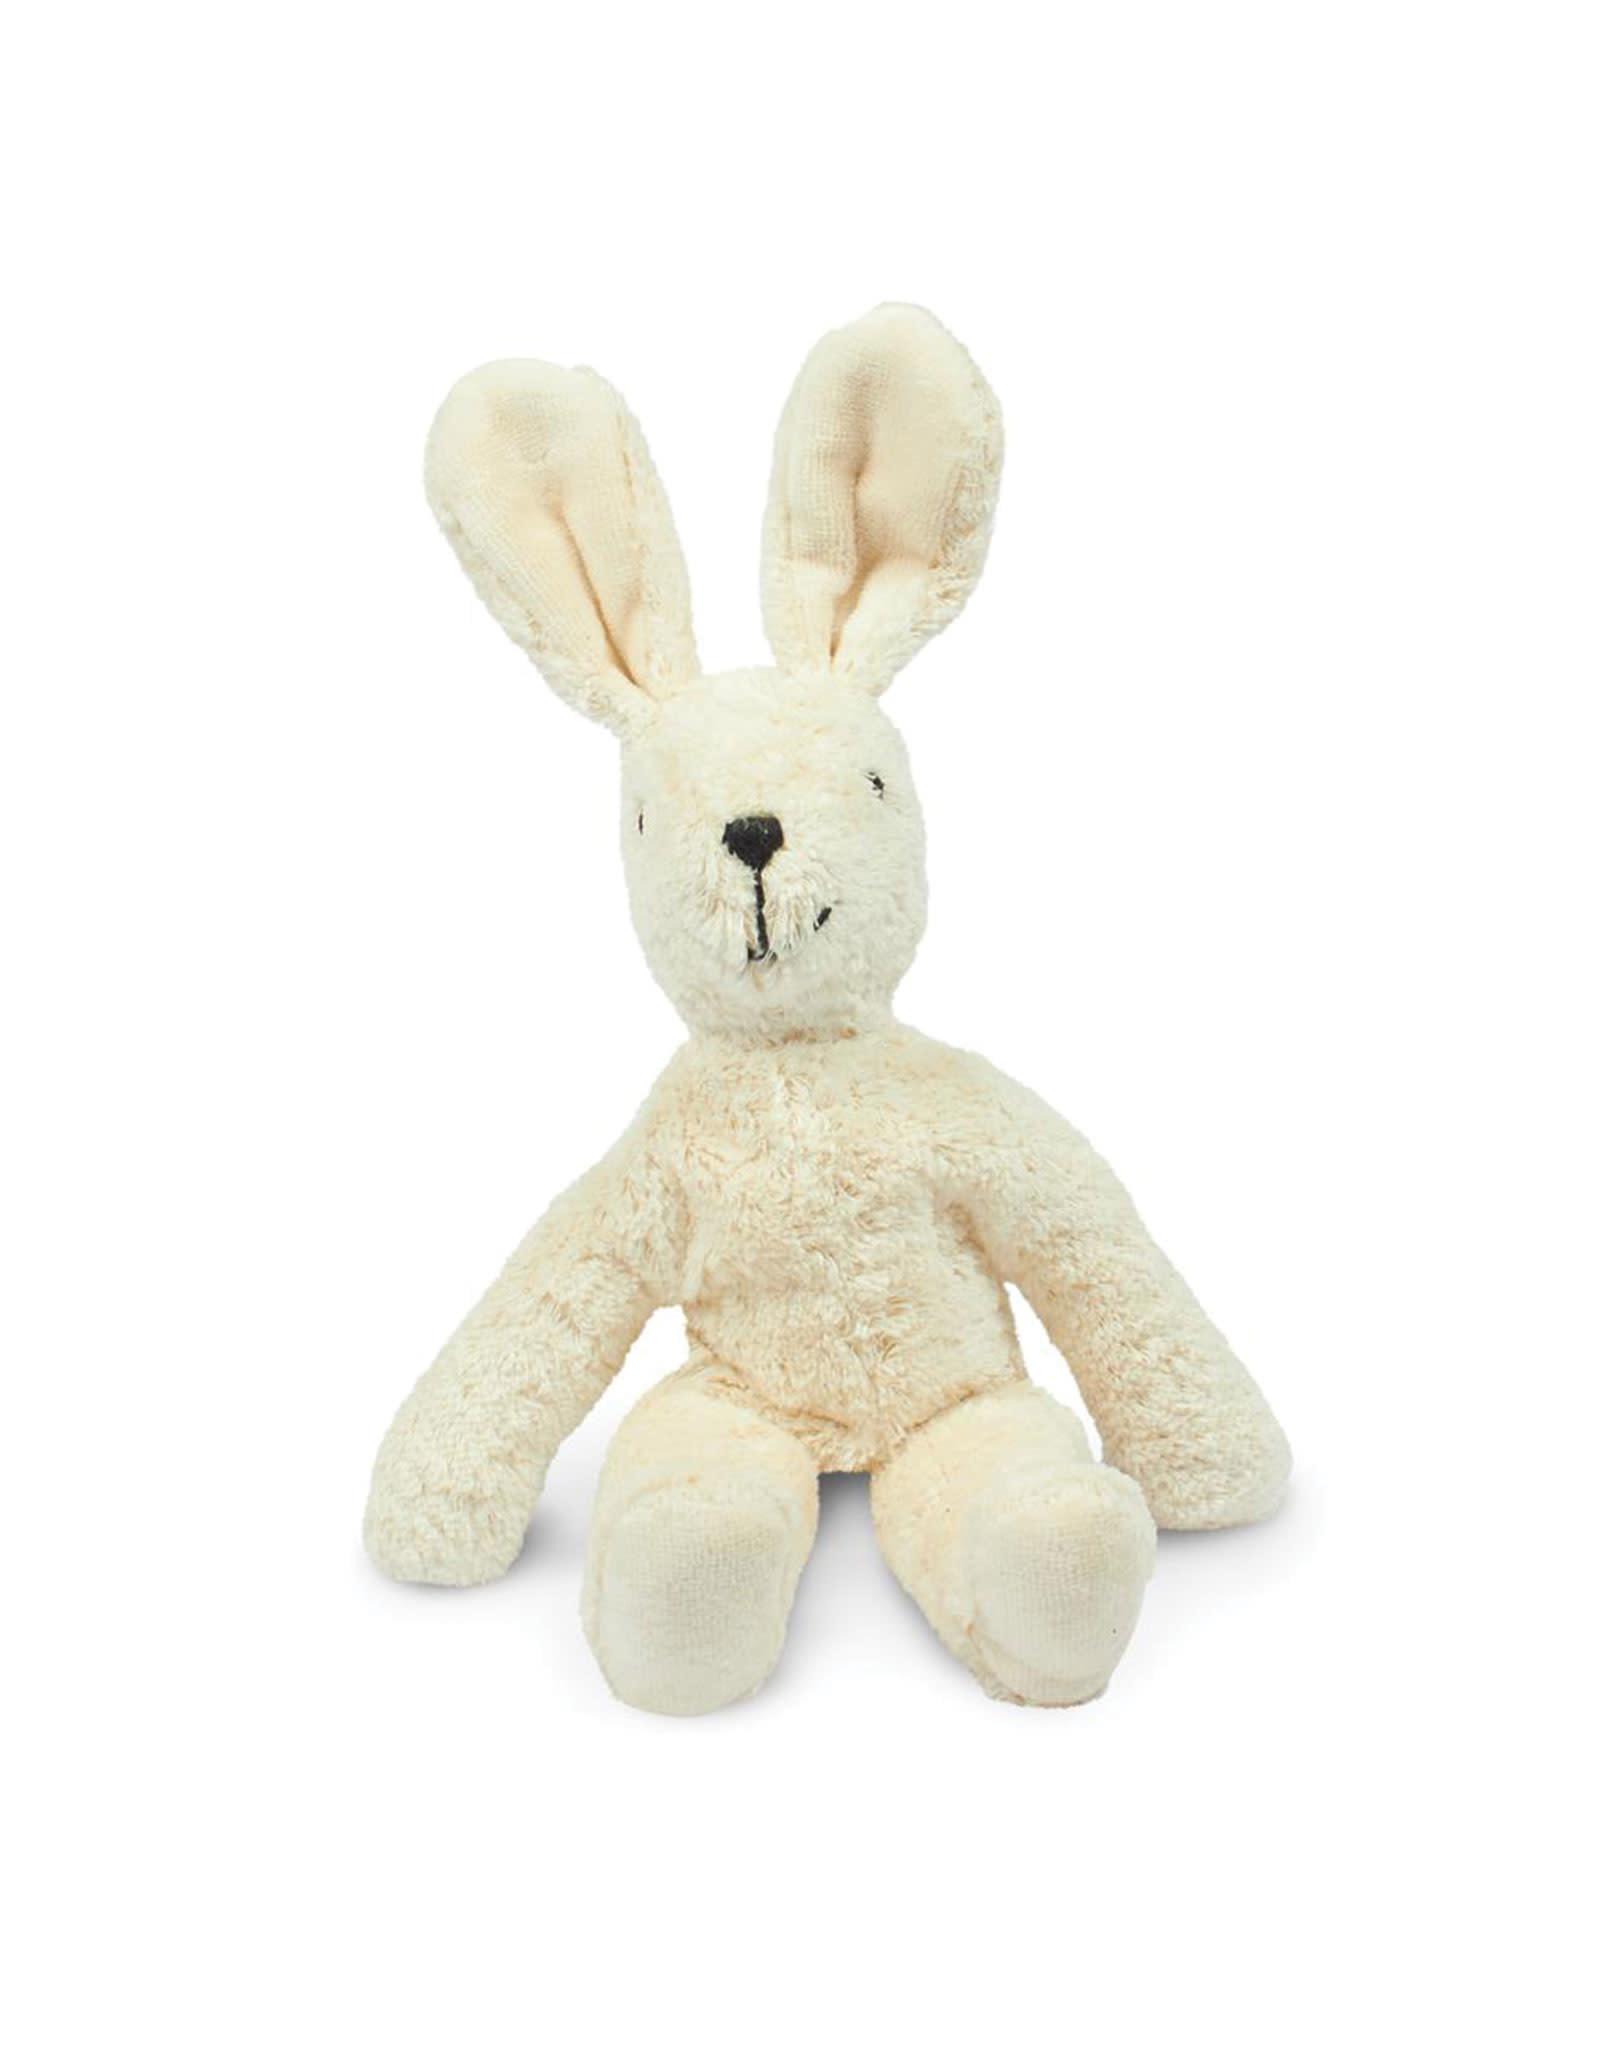 Senger Naturwelt Floppy Animal - White Rabbit Small